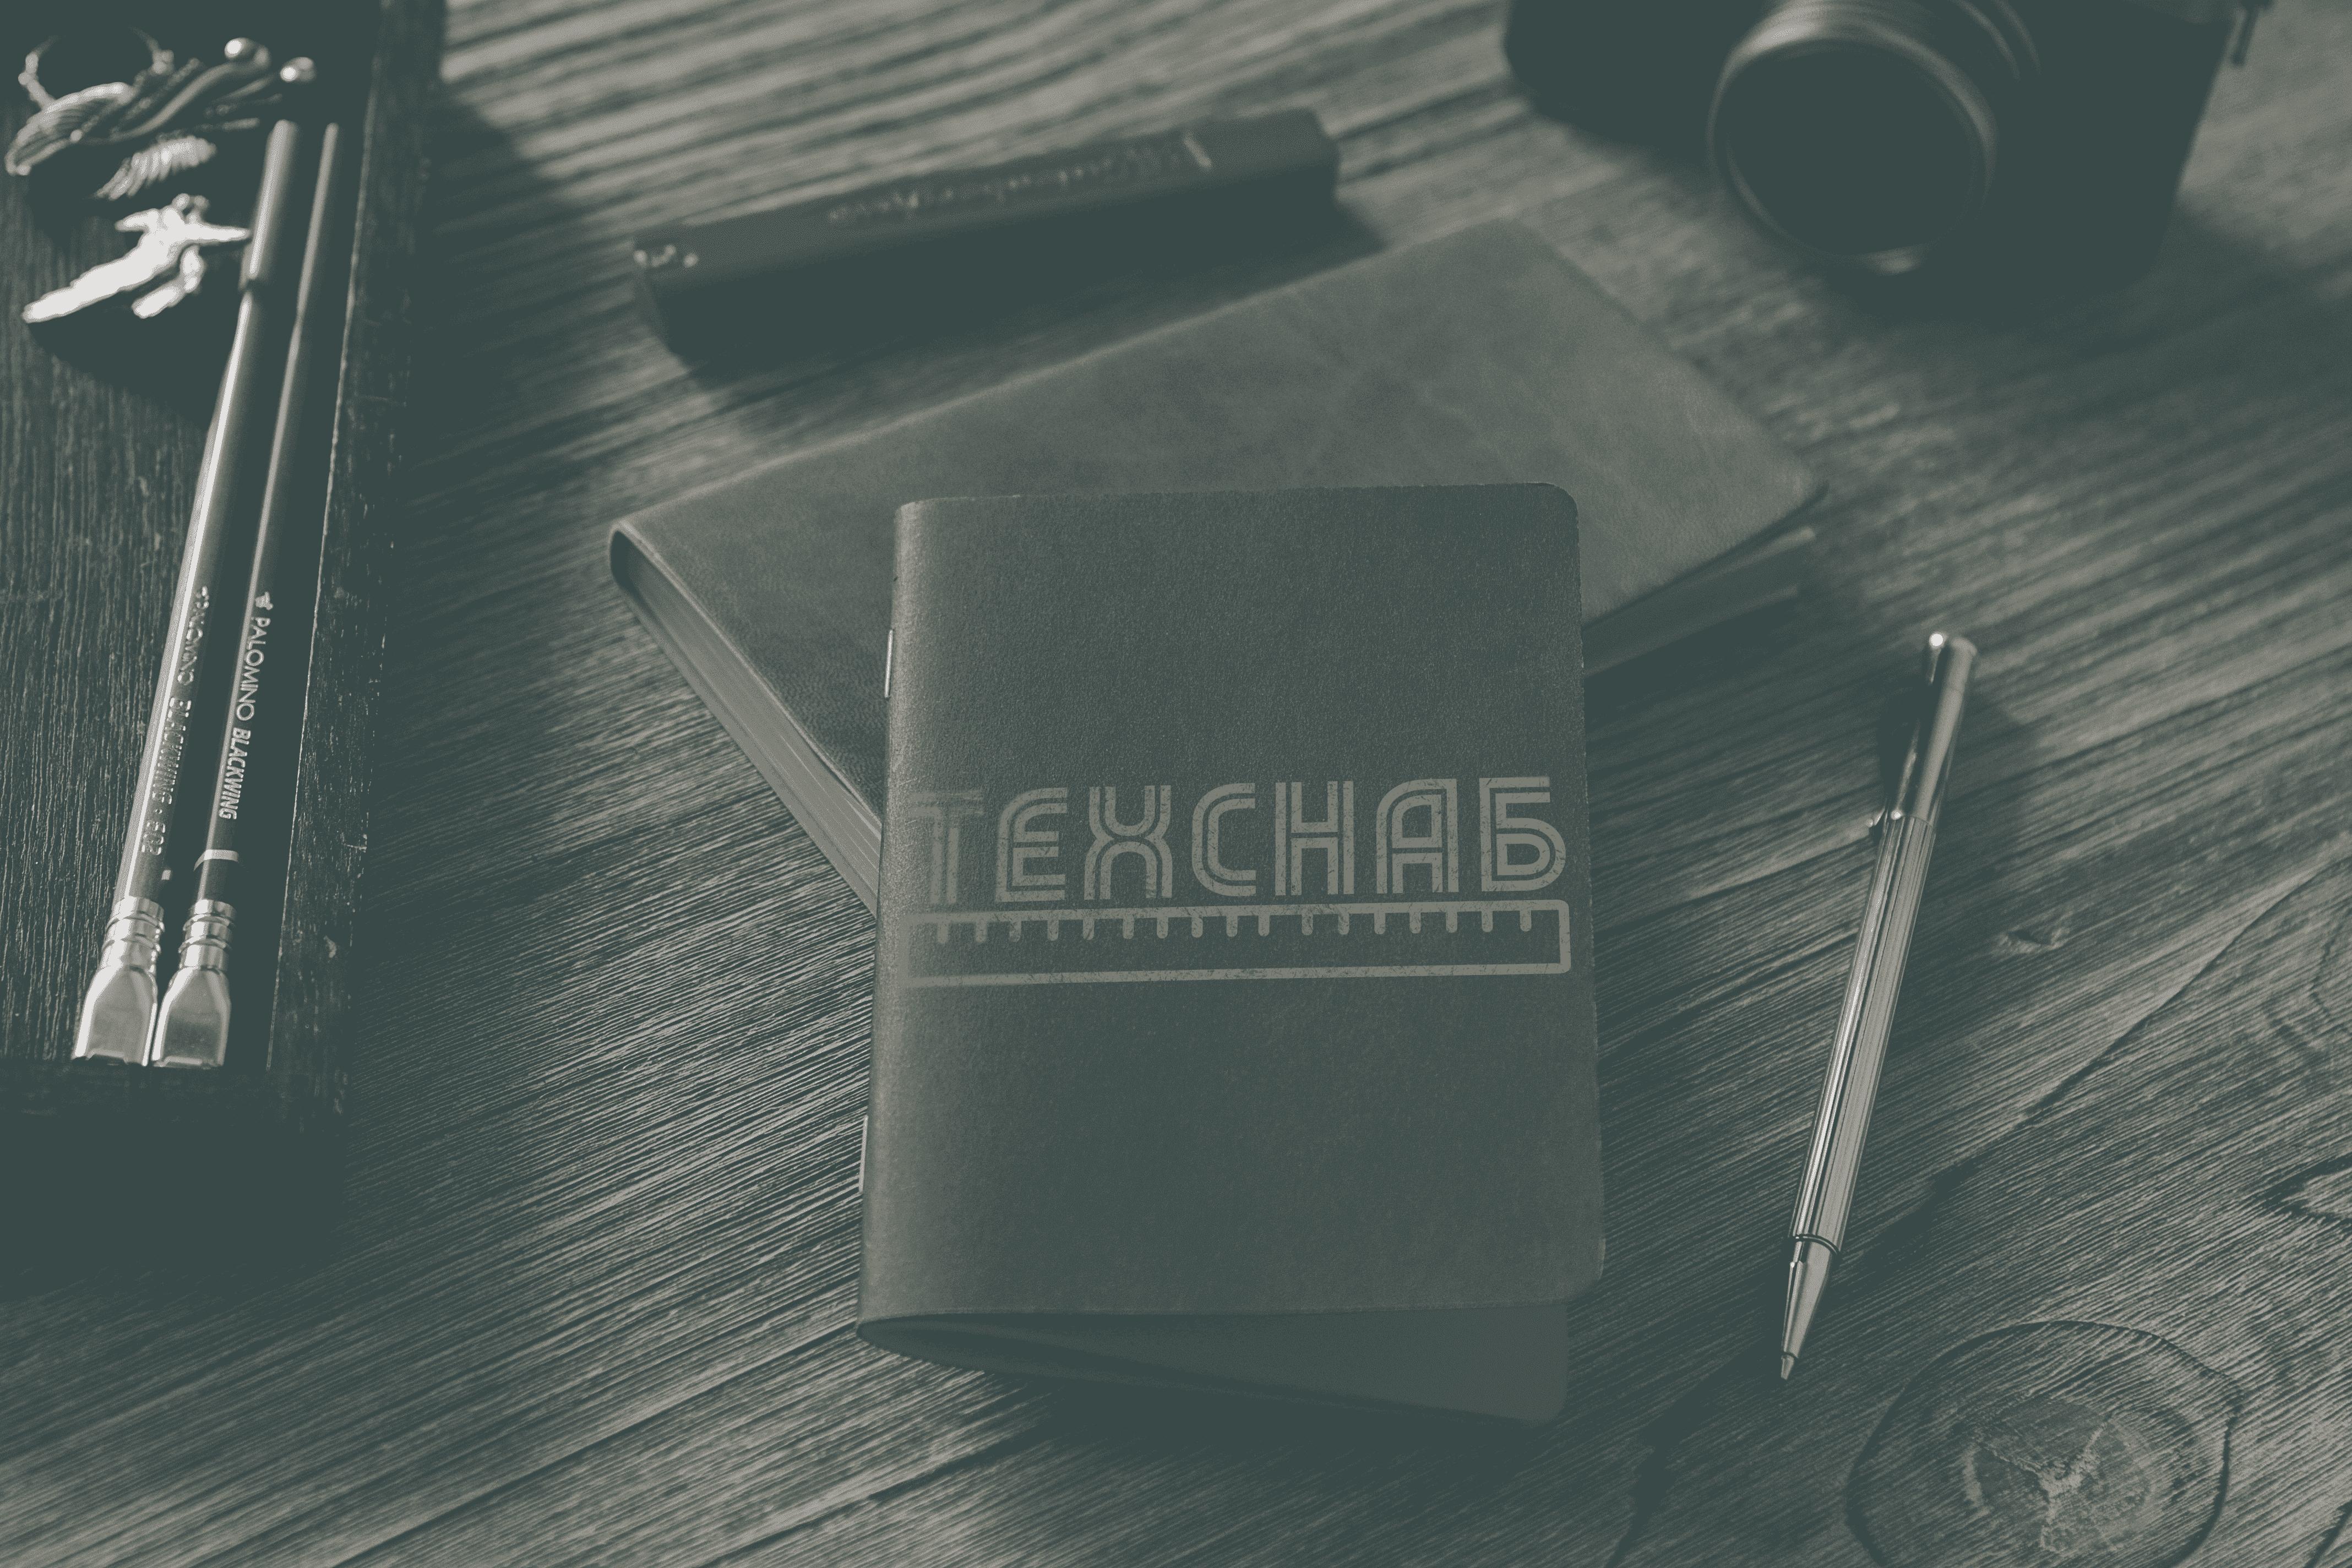 Разработка логотипа и фирм. стиля компании  ТЕХСНАБ фото f_6415b1ac37769d9b.png